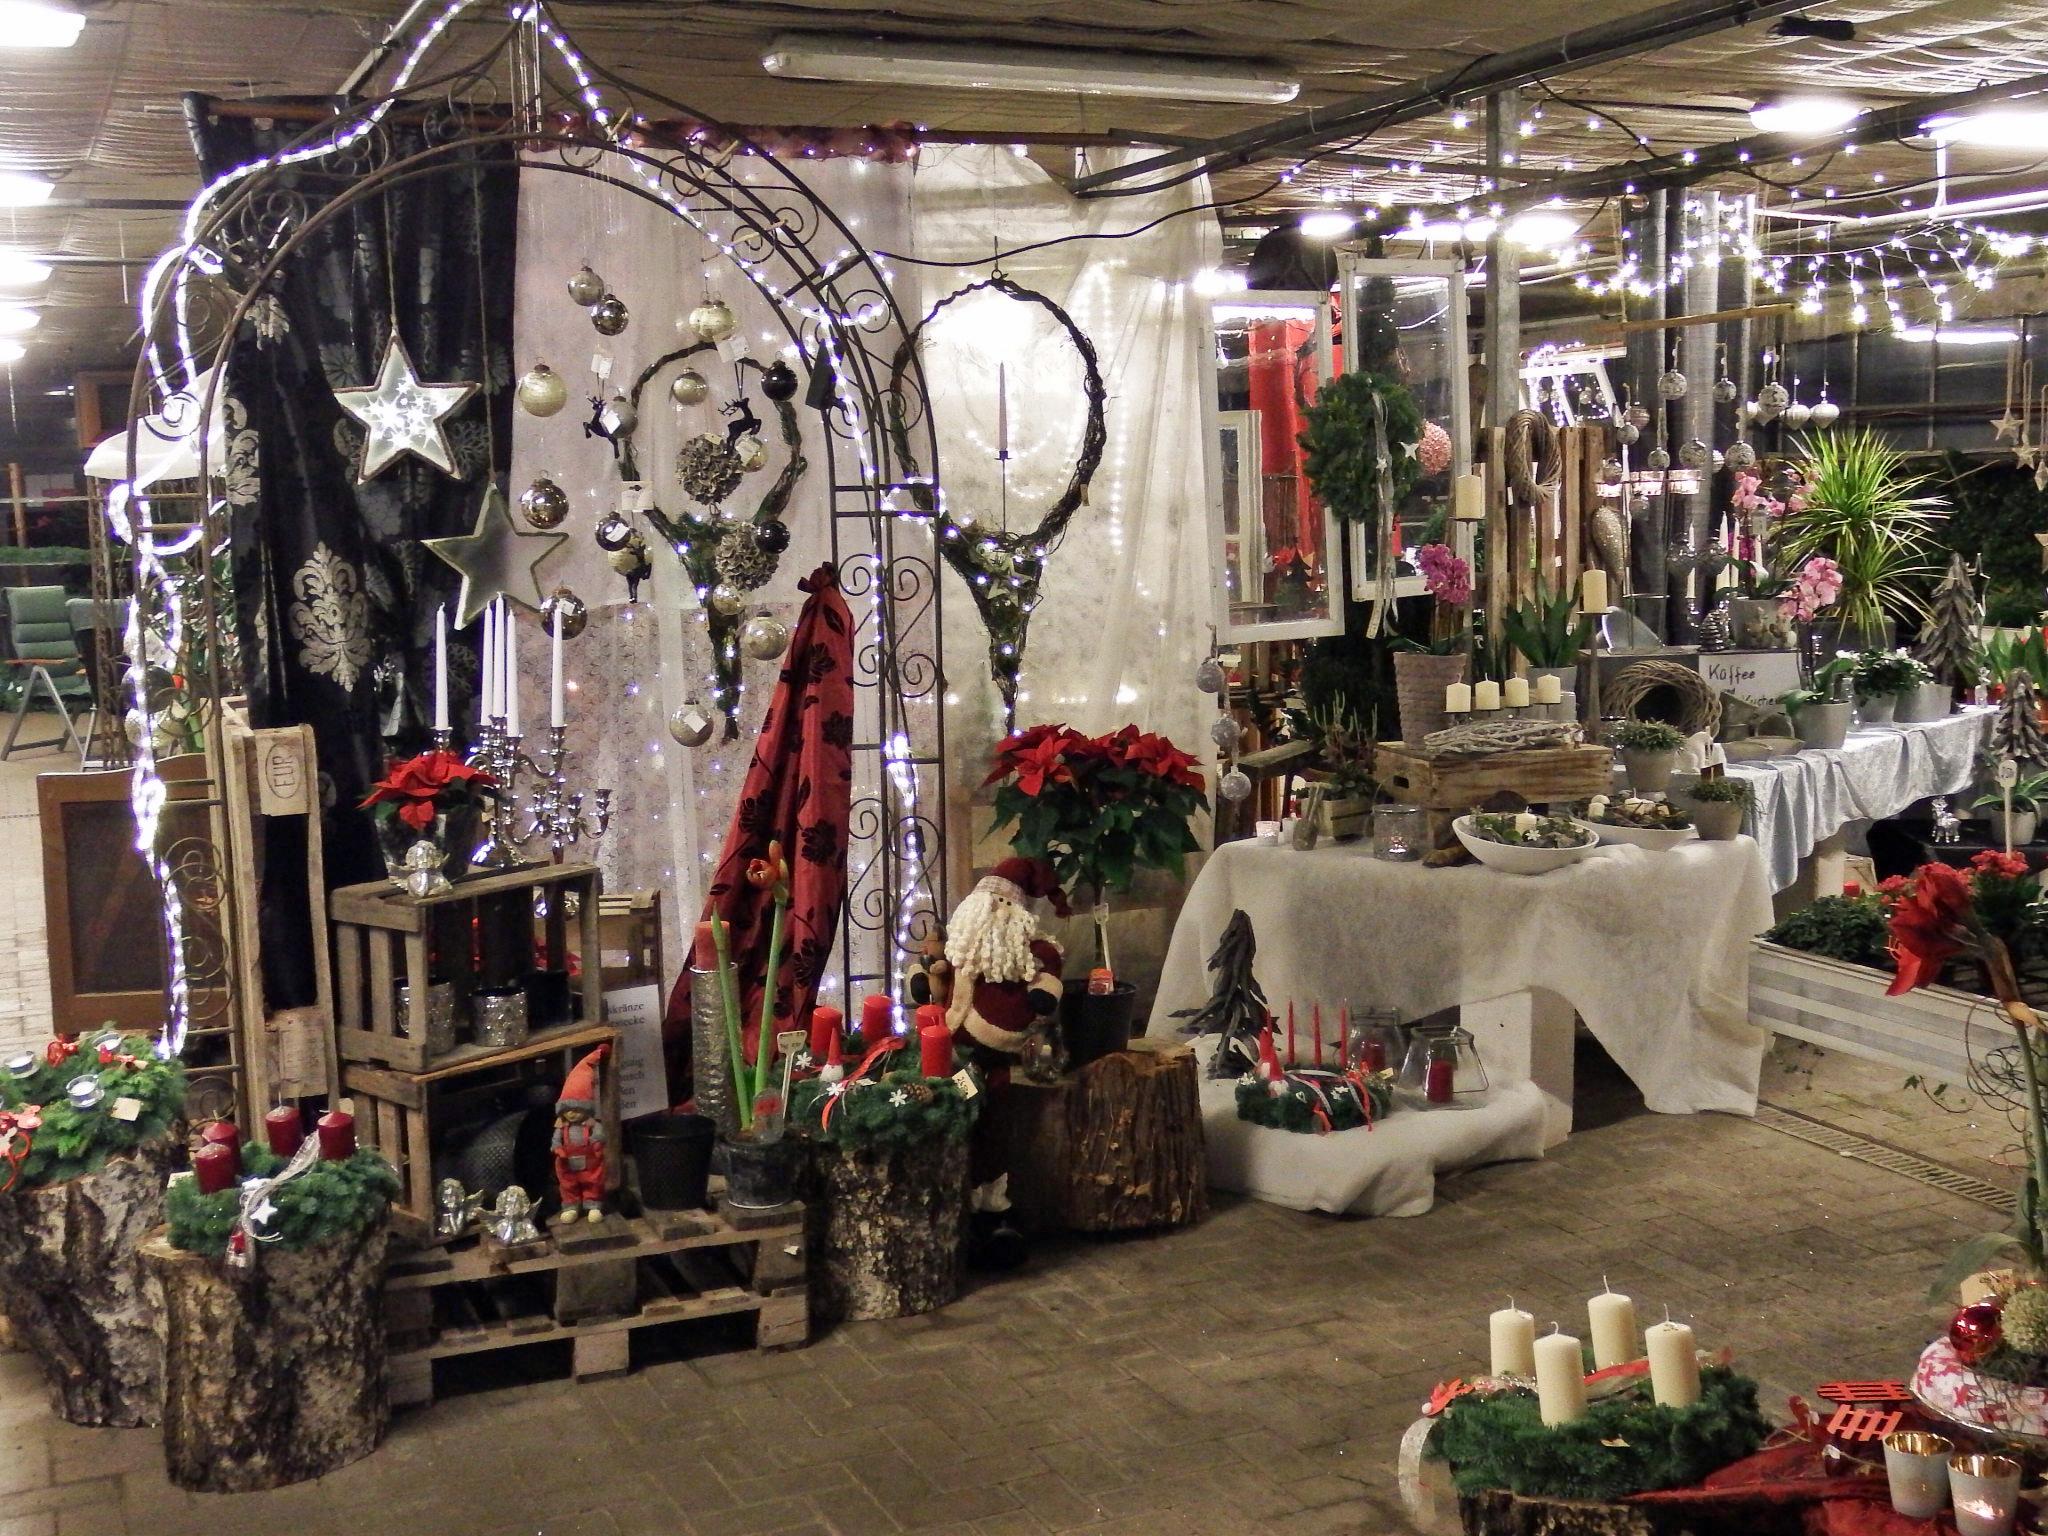 Adventsausstellung - Weihnachtsmarkt - Kirn - Bad Sobernheim - Merxheim - Meddersheim - Staudernheim - Monzingen - Odernheim - Simmertal - Hochstetten-Dhaun - Roxheim - Hargesheim - Bad Kreuznach - Gensingen - Bingen - Simmern - Kirchberg - Gemünden - Idar-Oberstein - Birkenfeld